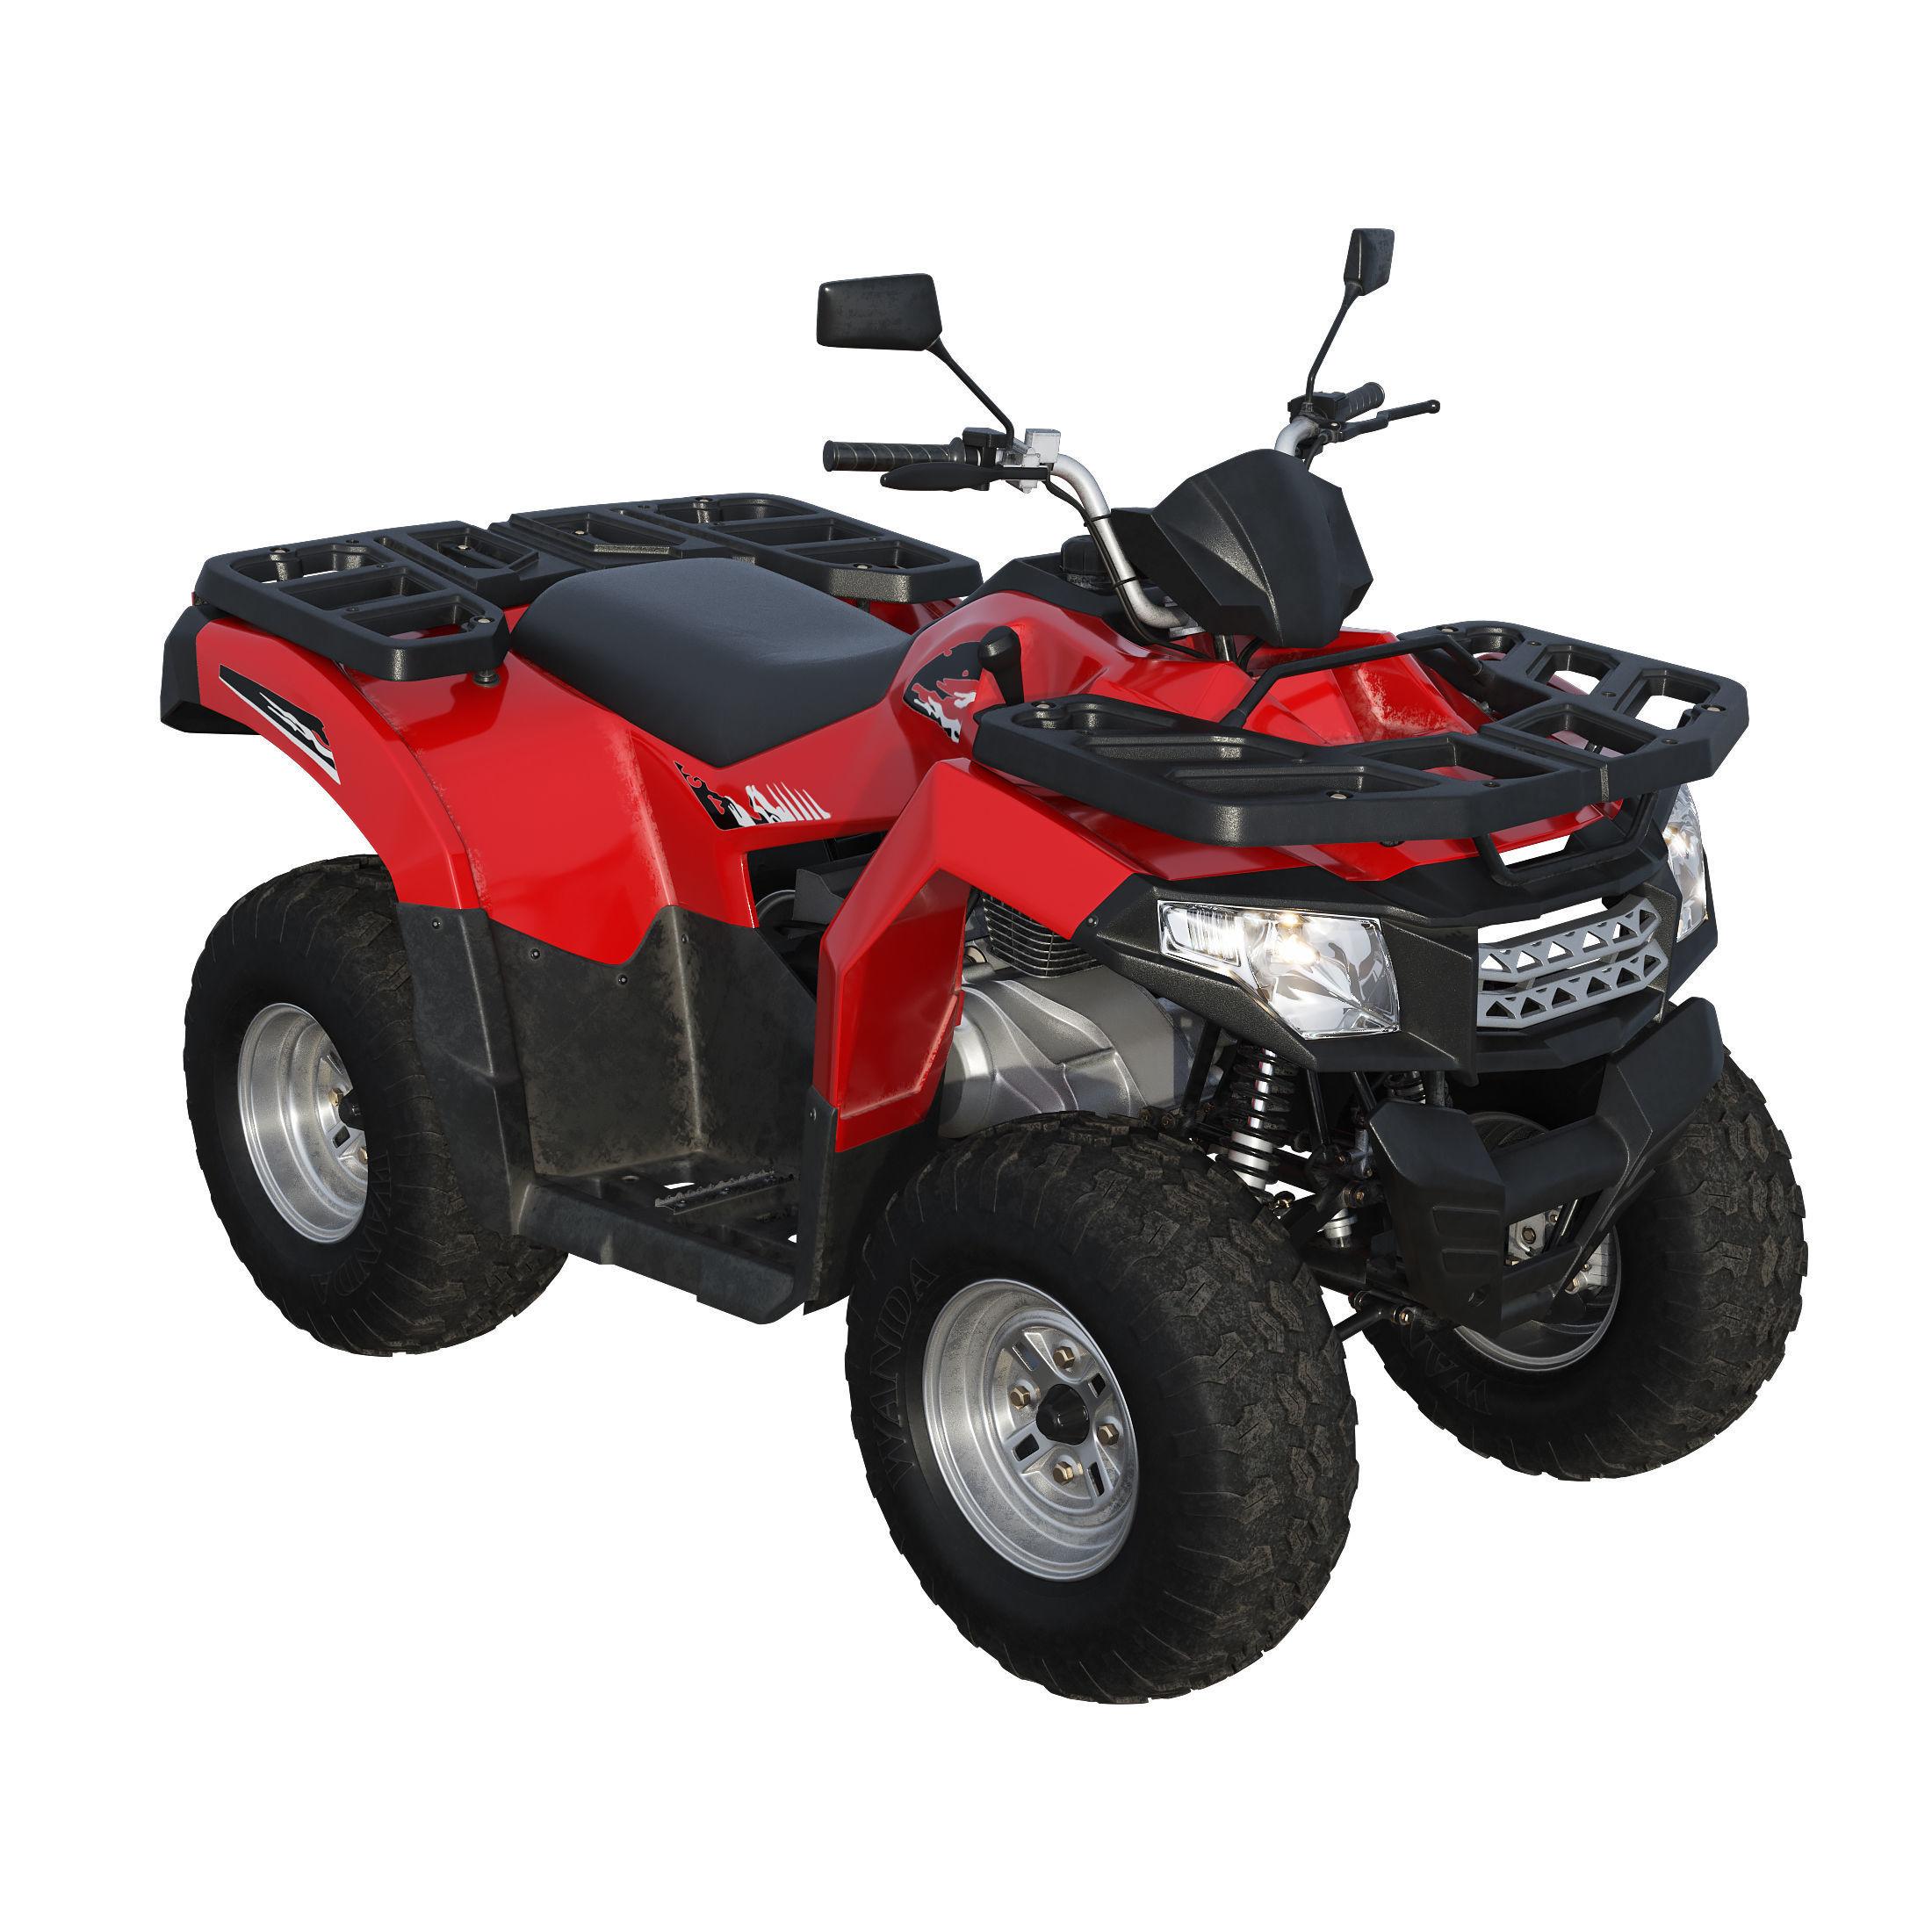 ATV Wels Bison